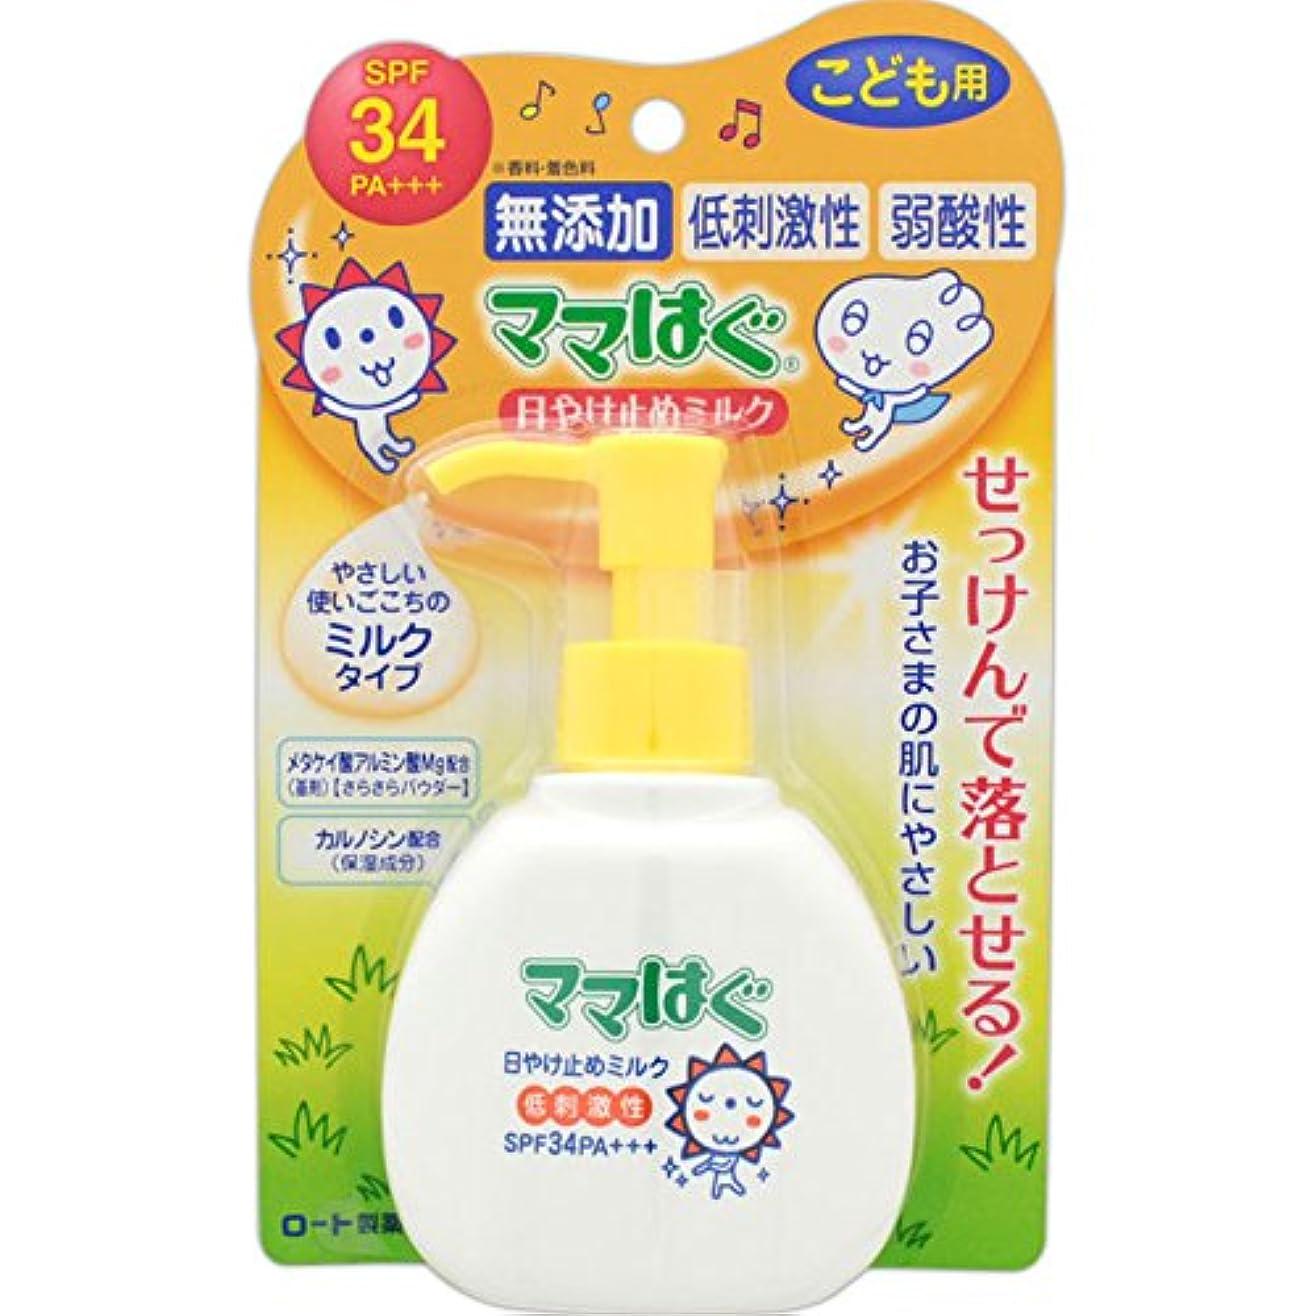 ロート製薬 ママはぐ 無添加 低刺激性日やけ止めミルク SPF34 PA+++ 100g